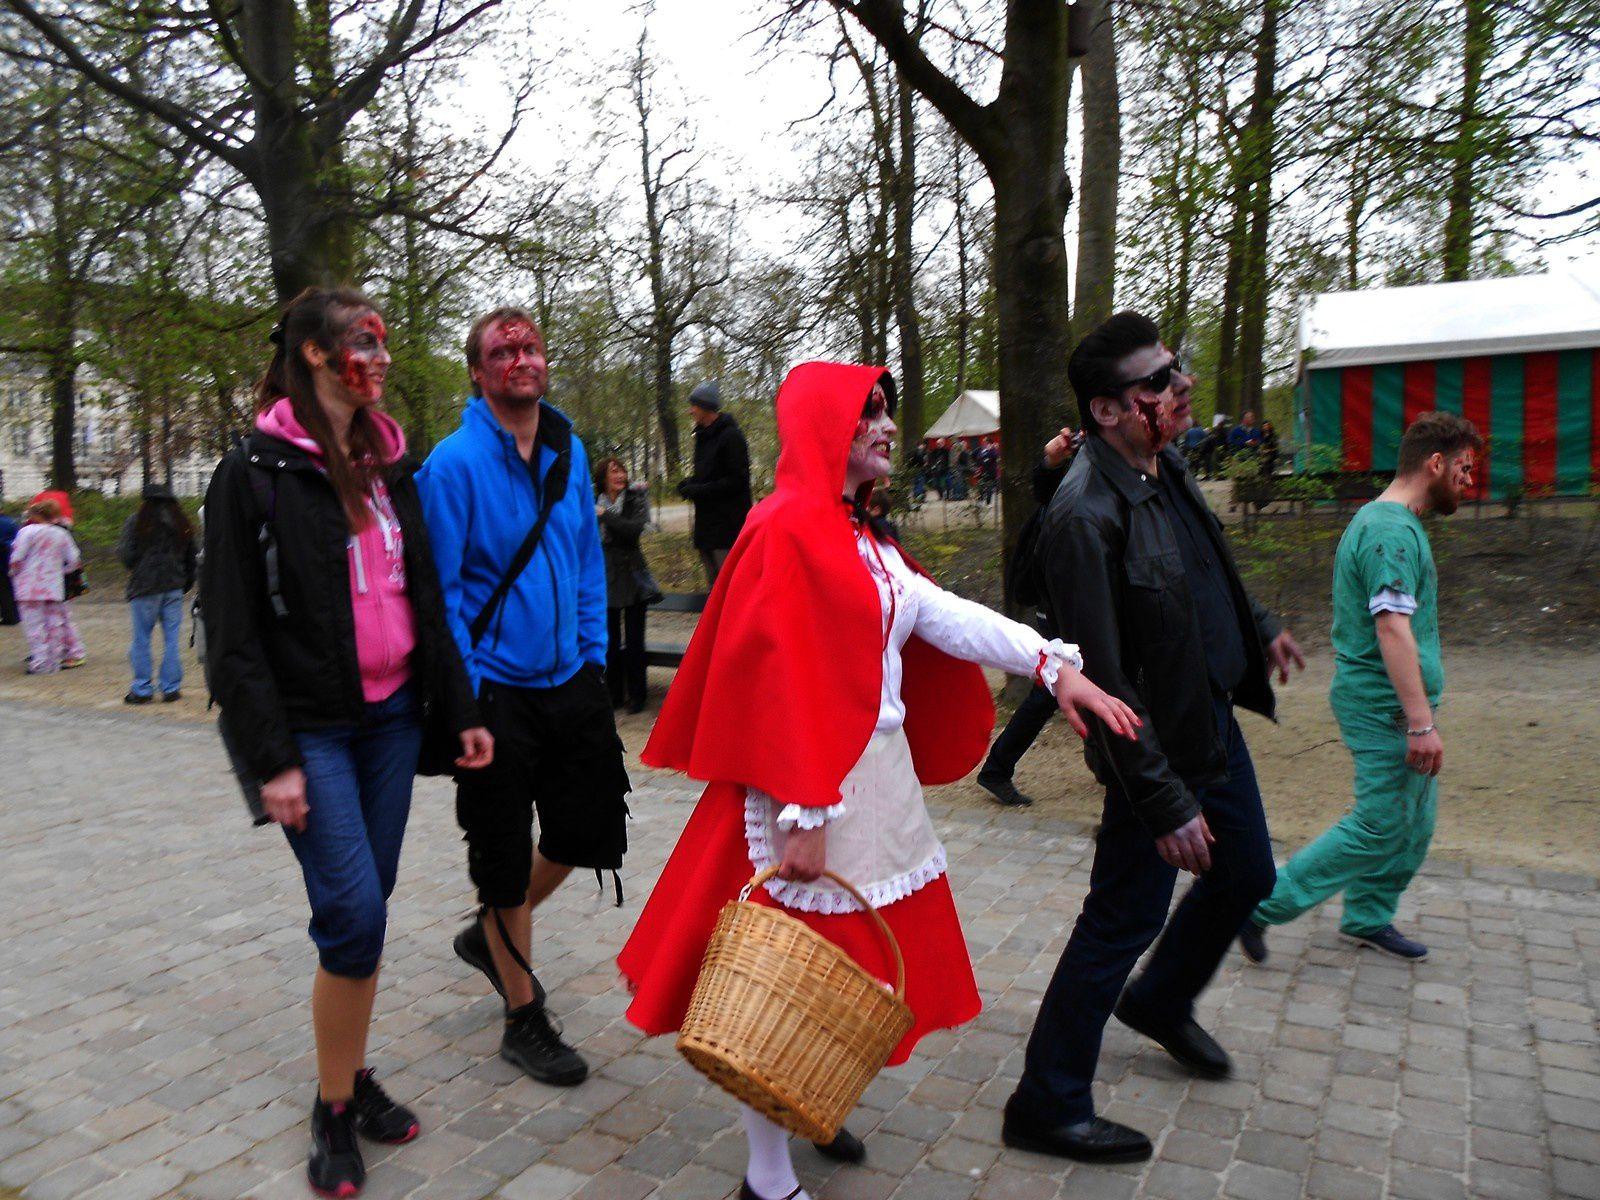 Zombie Walk du BIFFF 2015, à suivre...